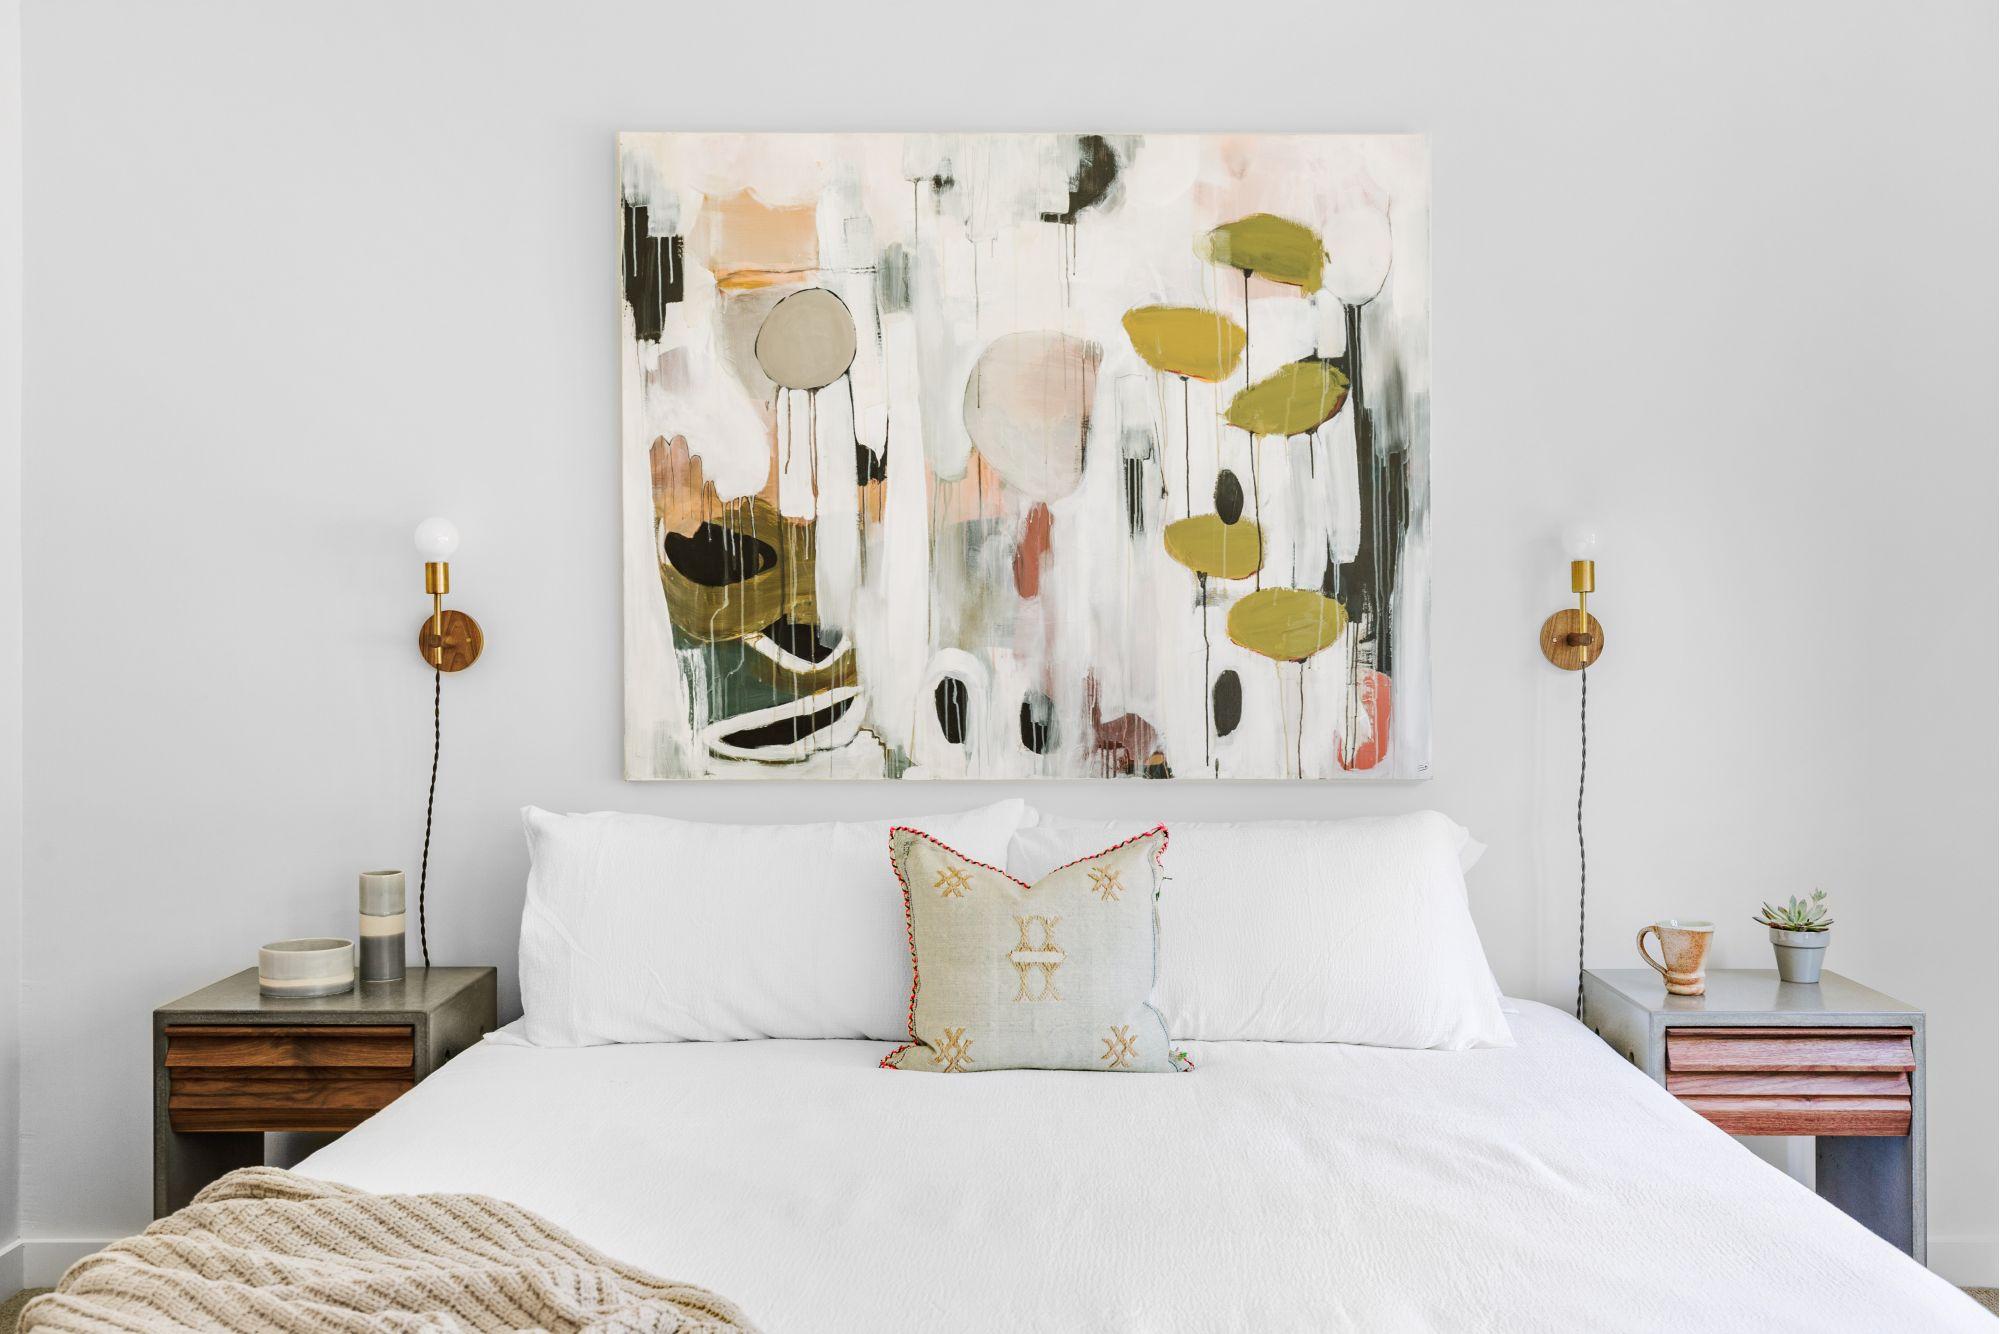 Cuscini in camera da letto: 5 materiali per il benessere e il riposo